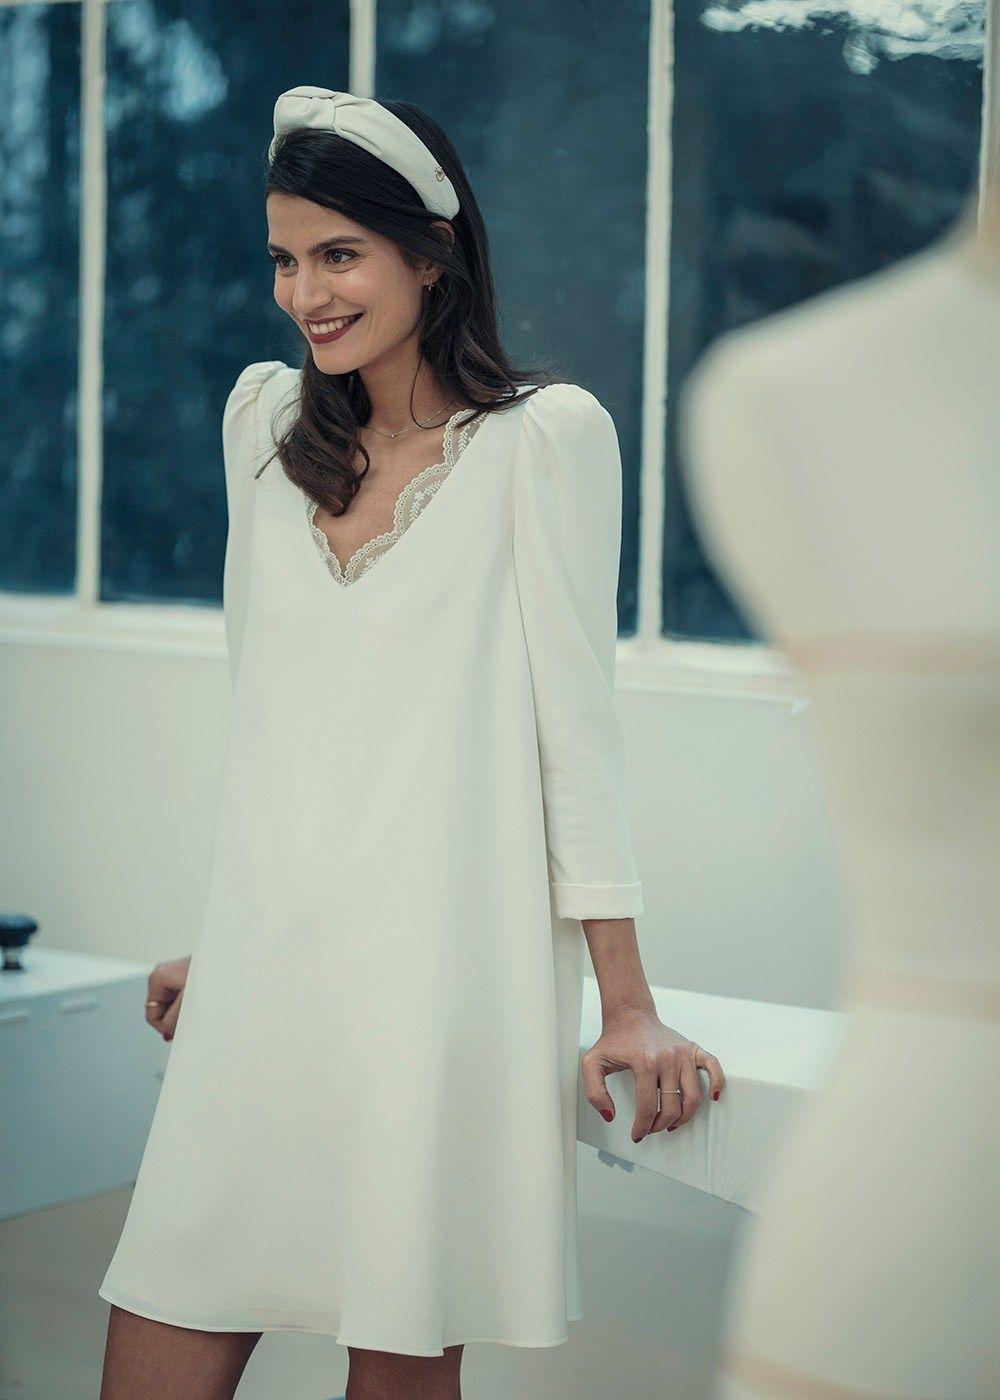 Brautkleid Chedid | Standesamt | french chic #zivilhochzeitskleider